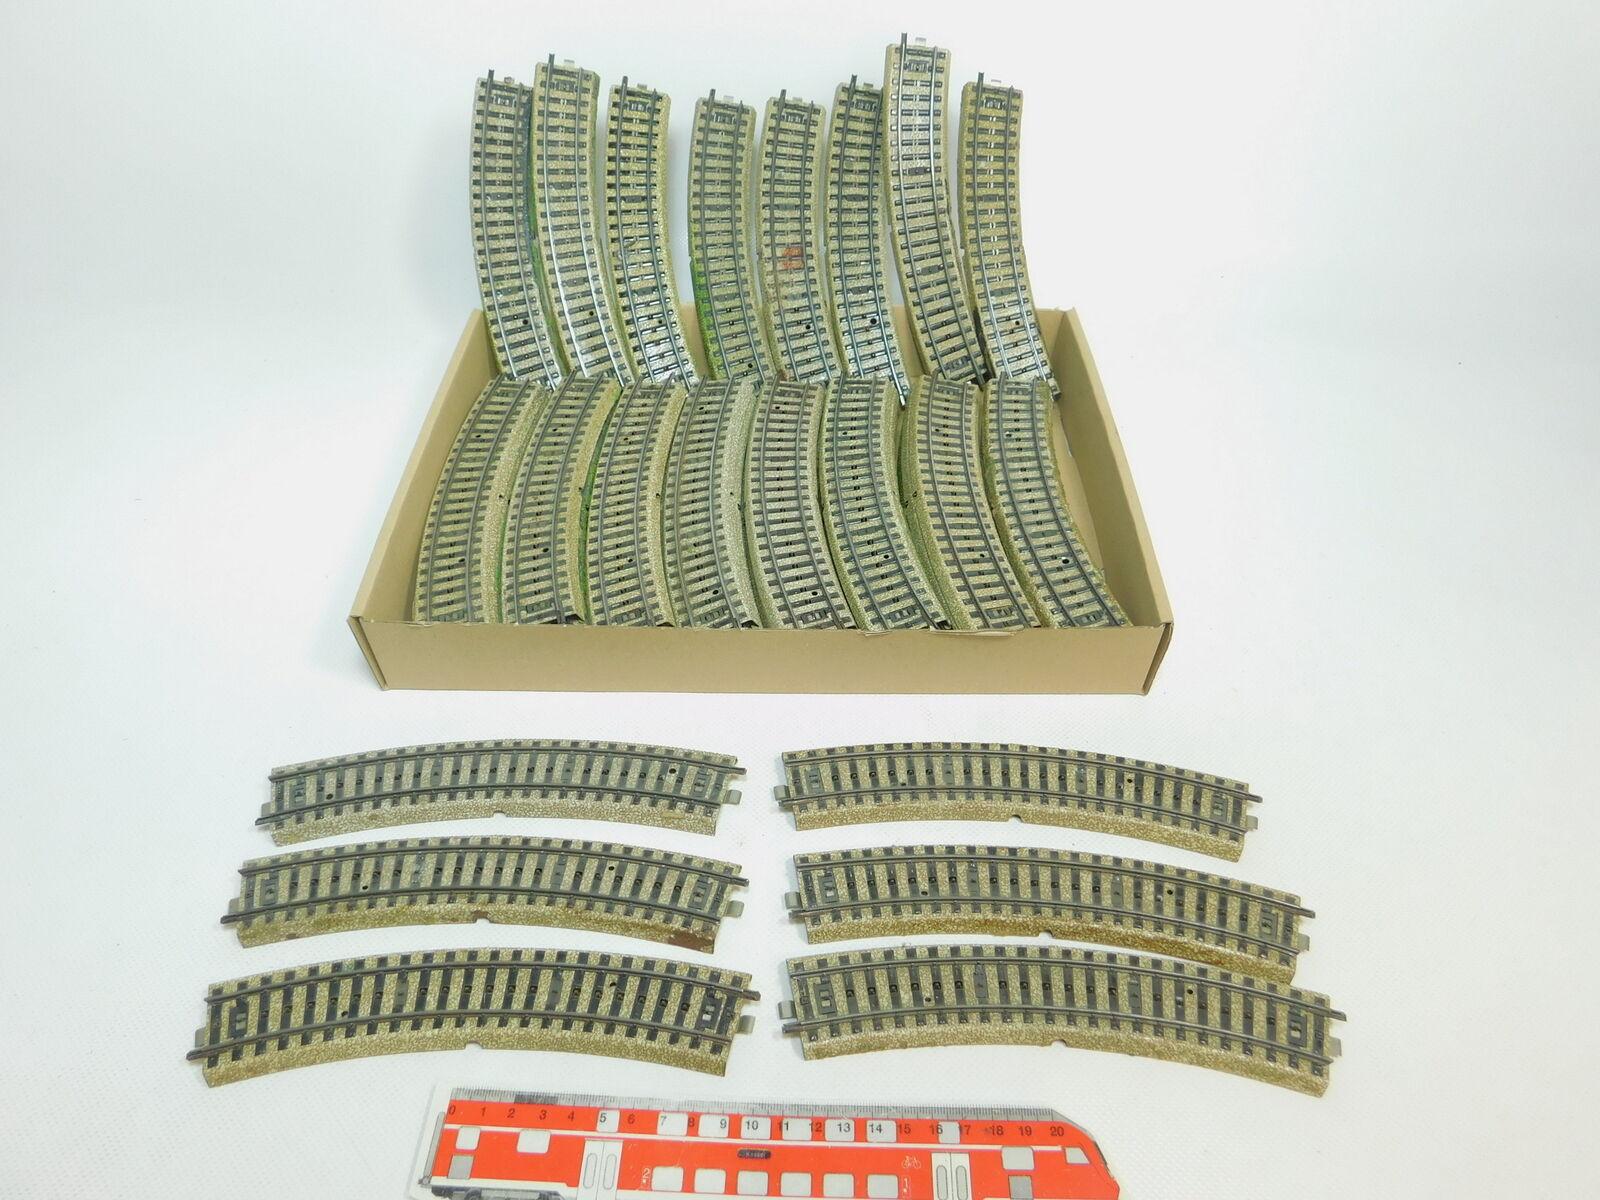 Bl809-3  47x   h0/ac 5100 pezzo di binario/ferrovia piegate M-Binario